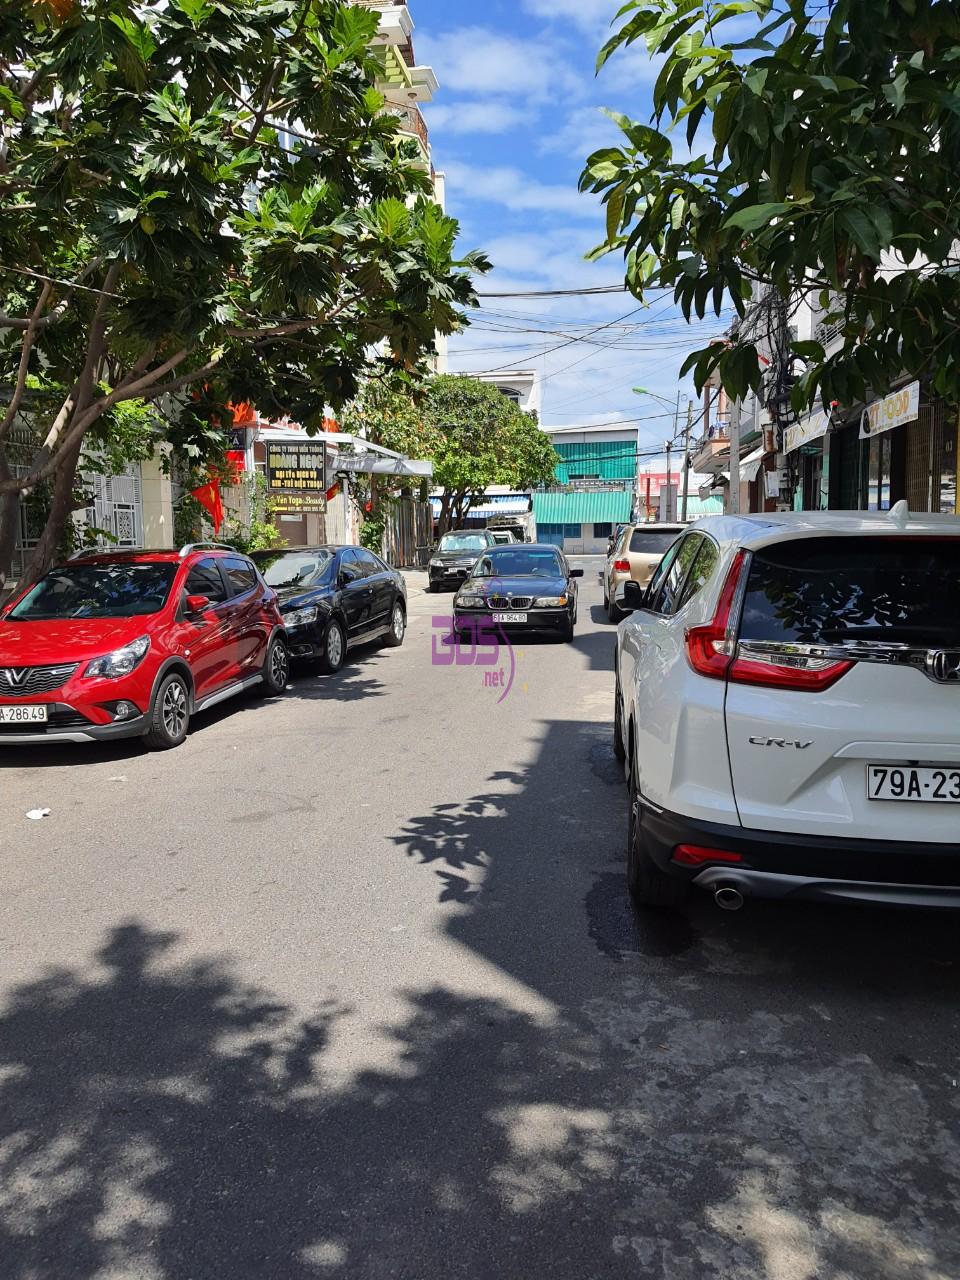 Bán nhà mặt tiền đường Vạn Kiếp P. Phước Tân 104m2 giá chỉ 9 tỉ-0